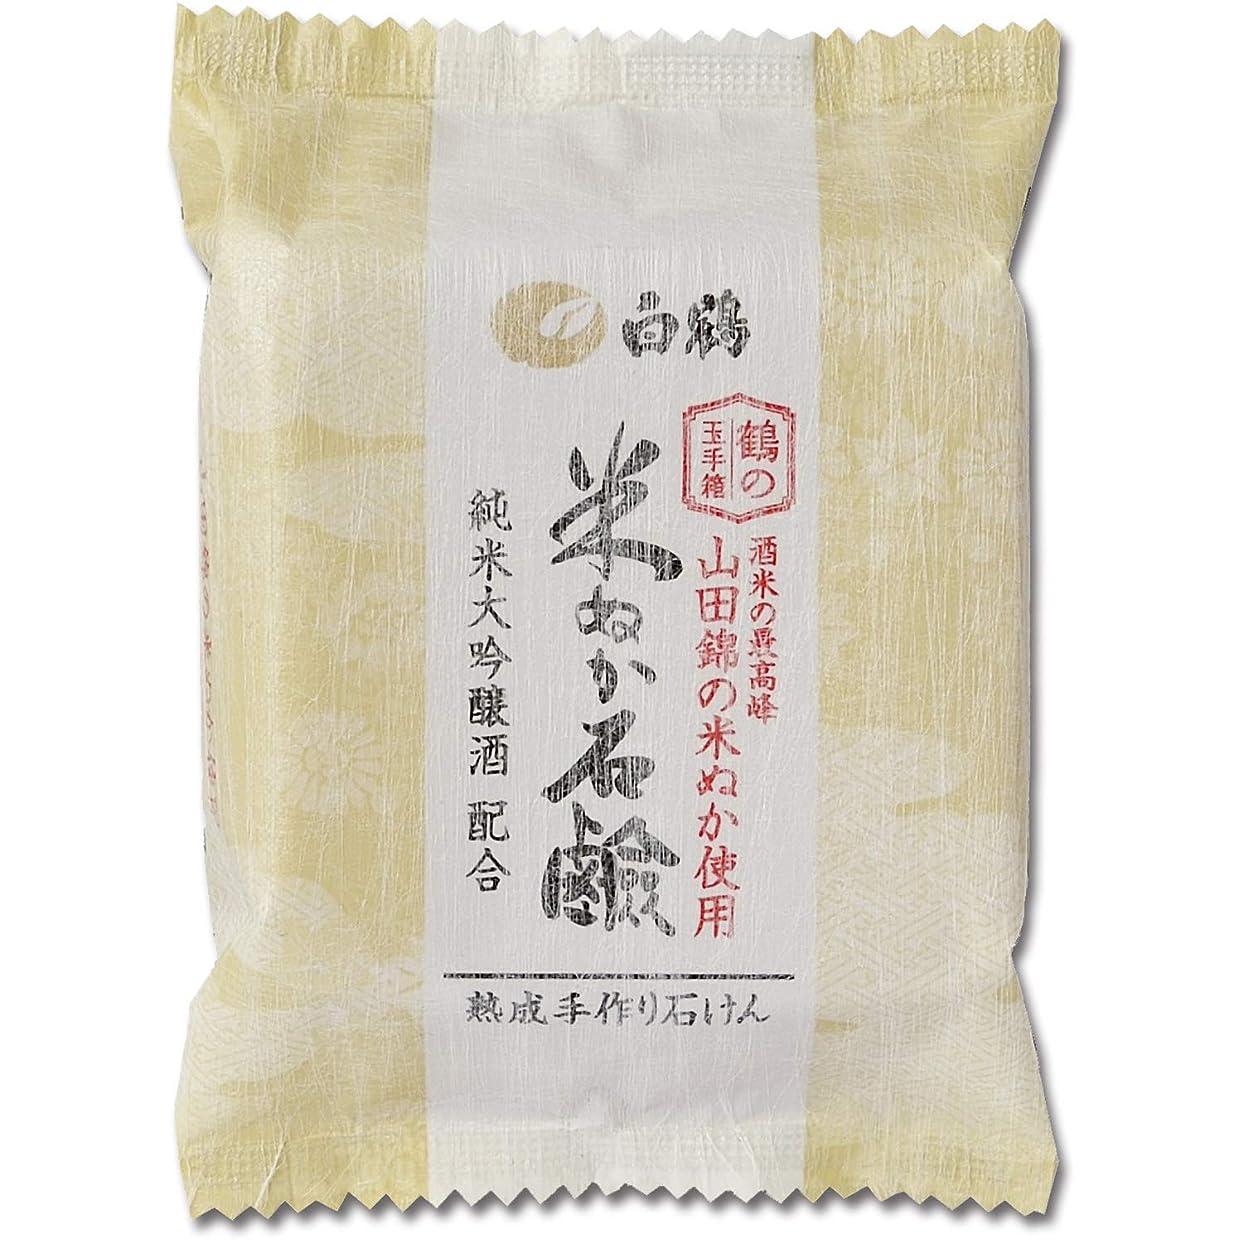 静脈交換ズボン白鶴 鶴の玉手箱 米ぬか石けん 100g (全身用石鹸)